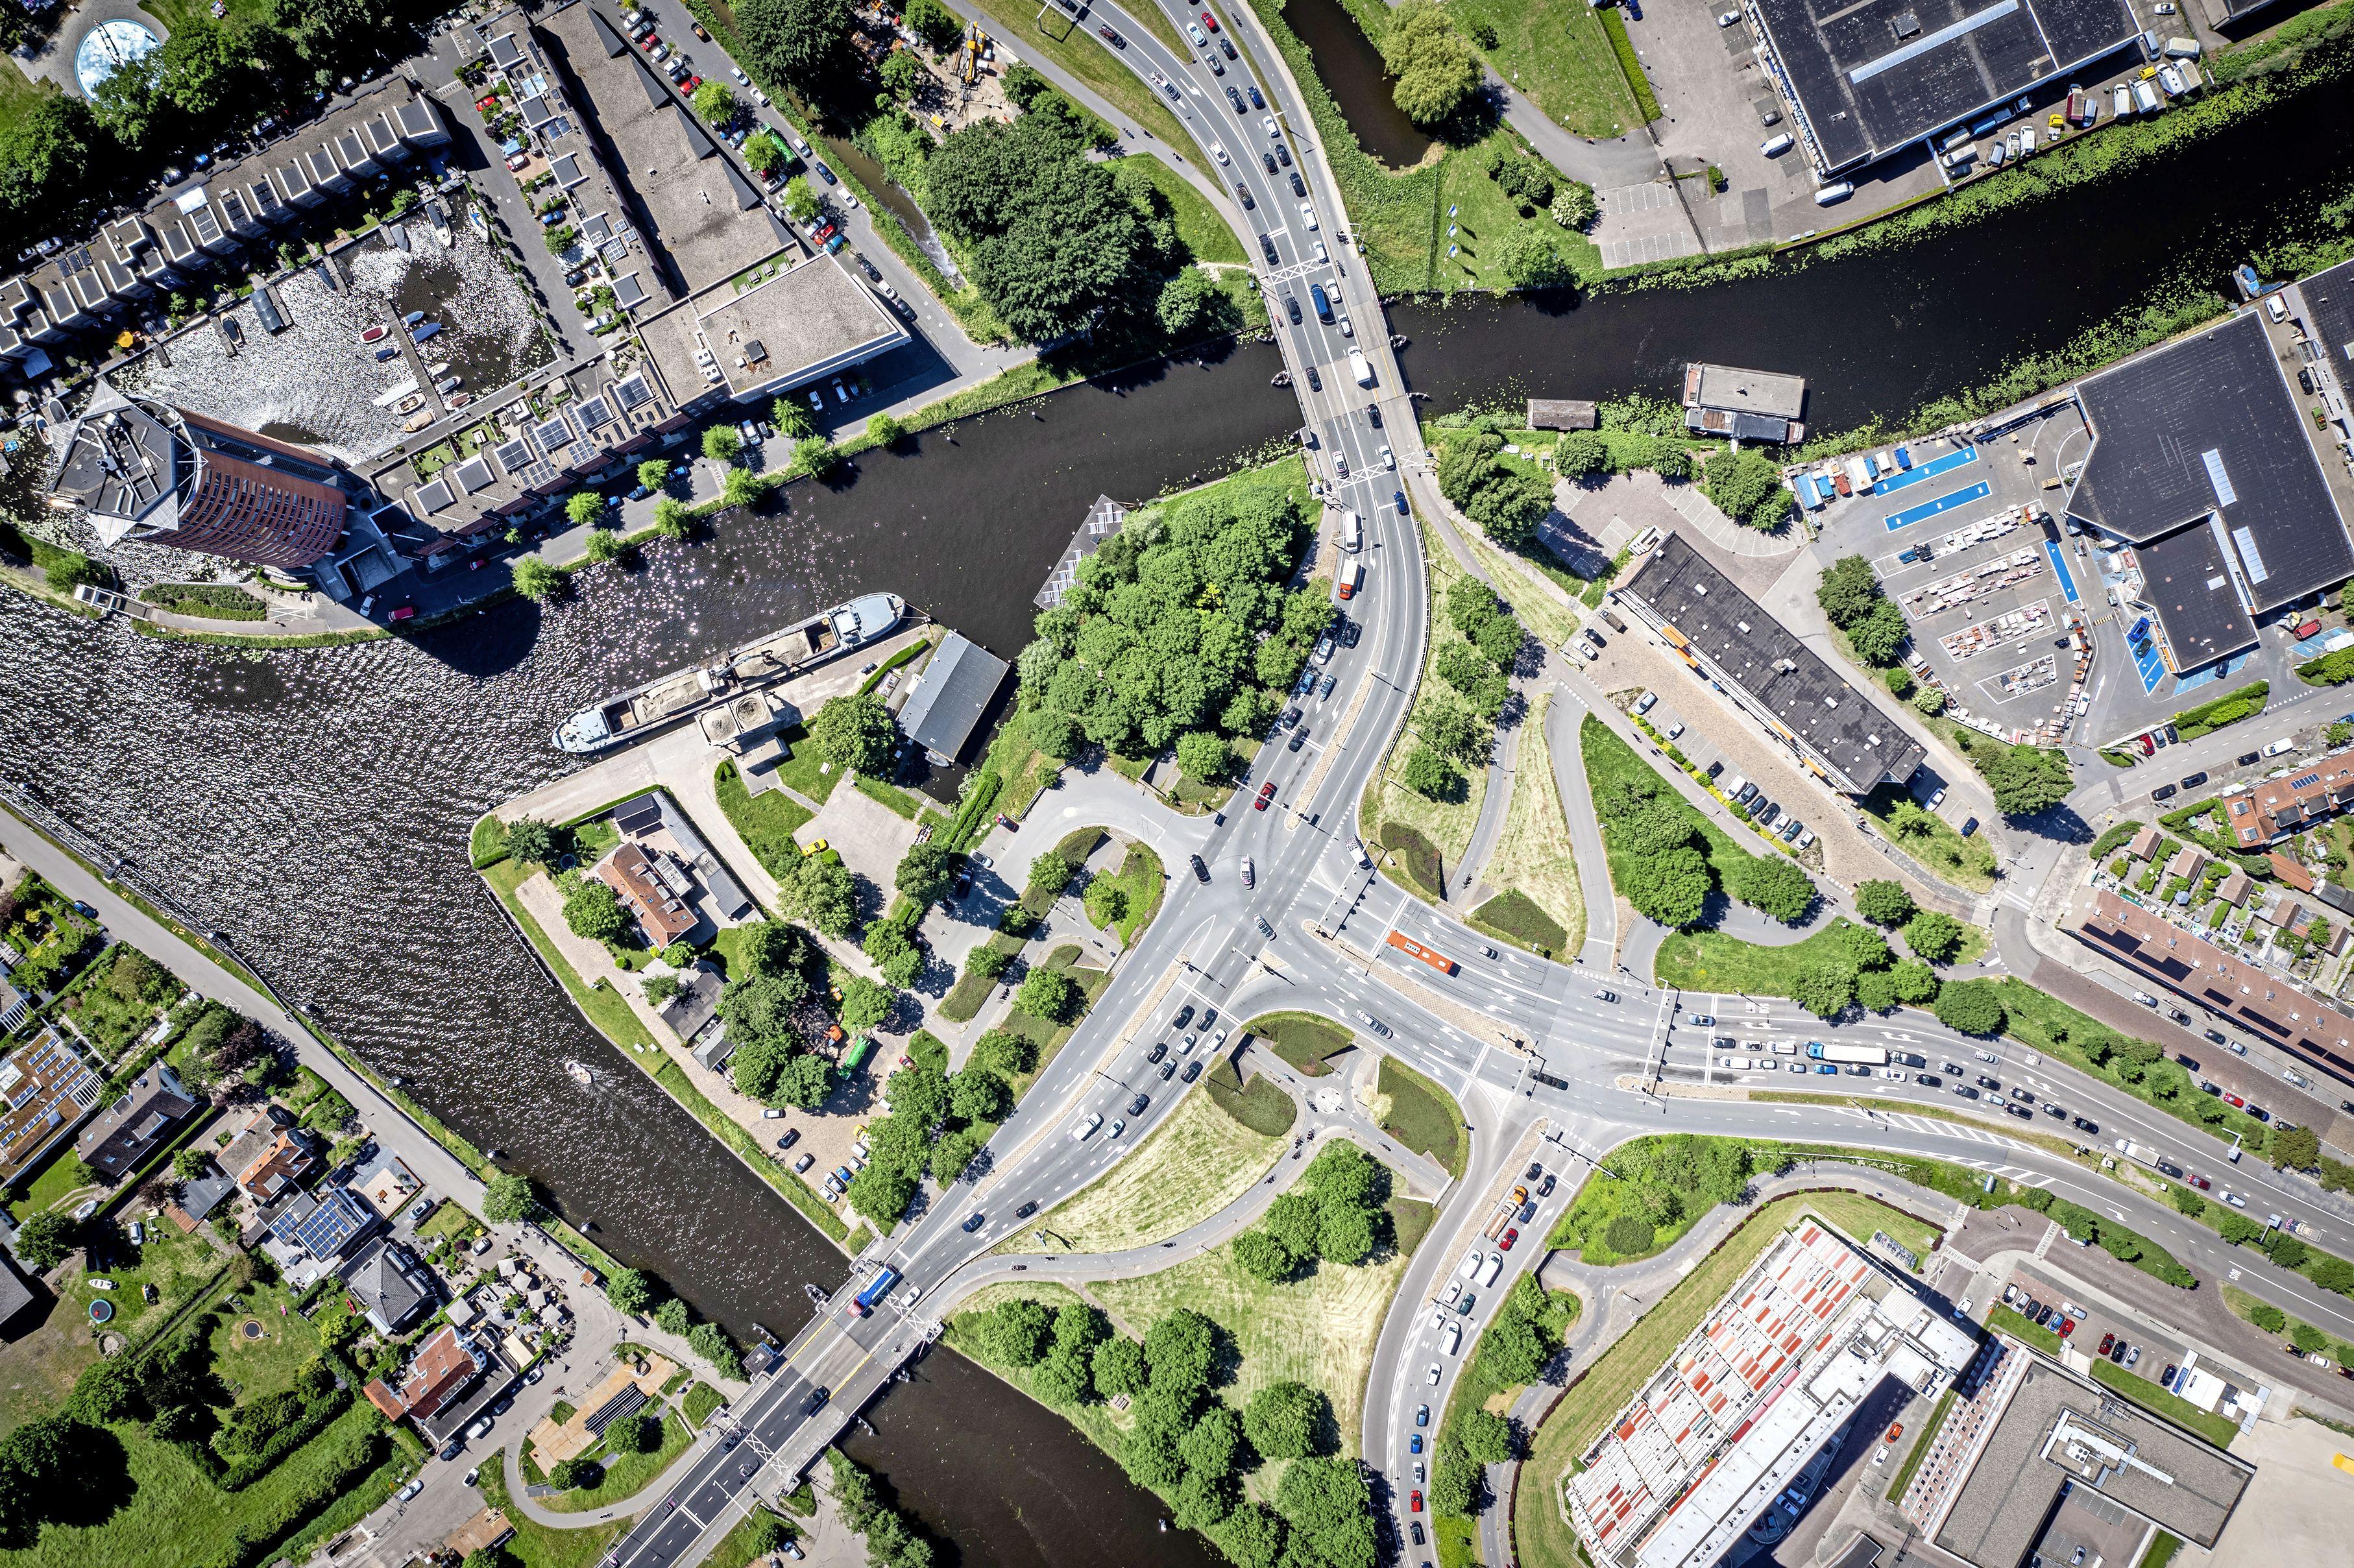 Verlaging Leidse Trekvlietbrug maakt ondernemers bezorgd: 'Maak nou gebruik van de waterinfrastructuur die Leiden rijk is'